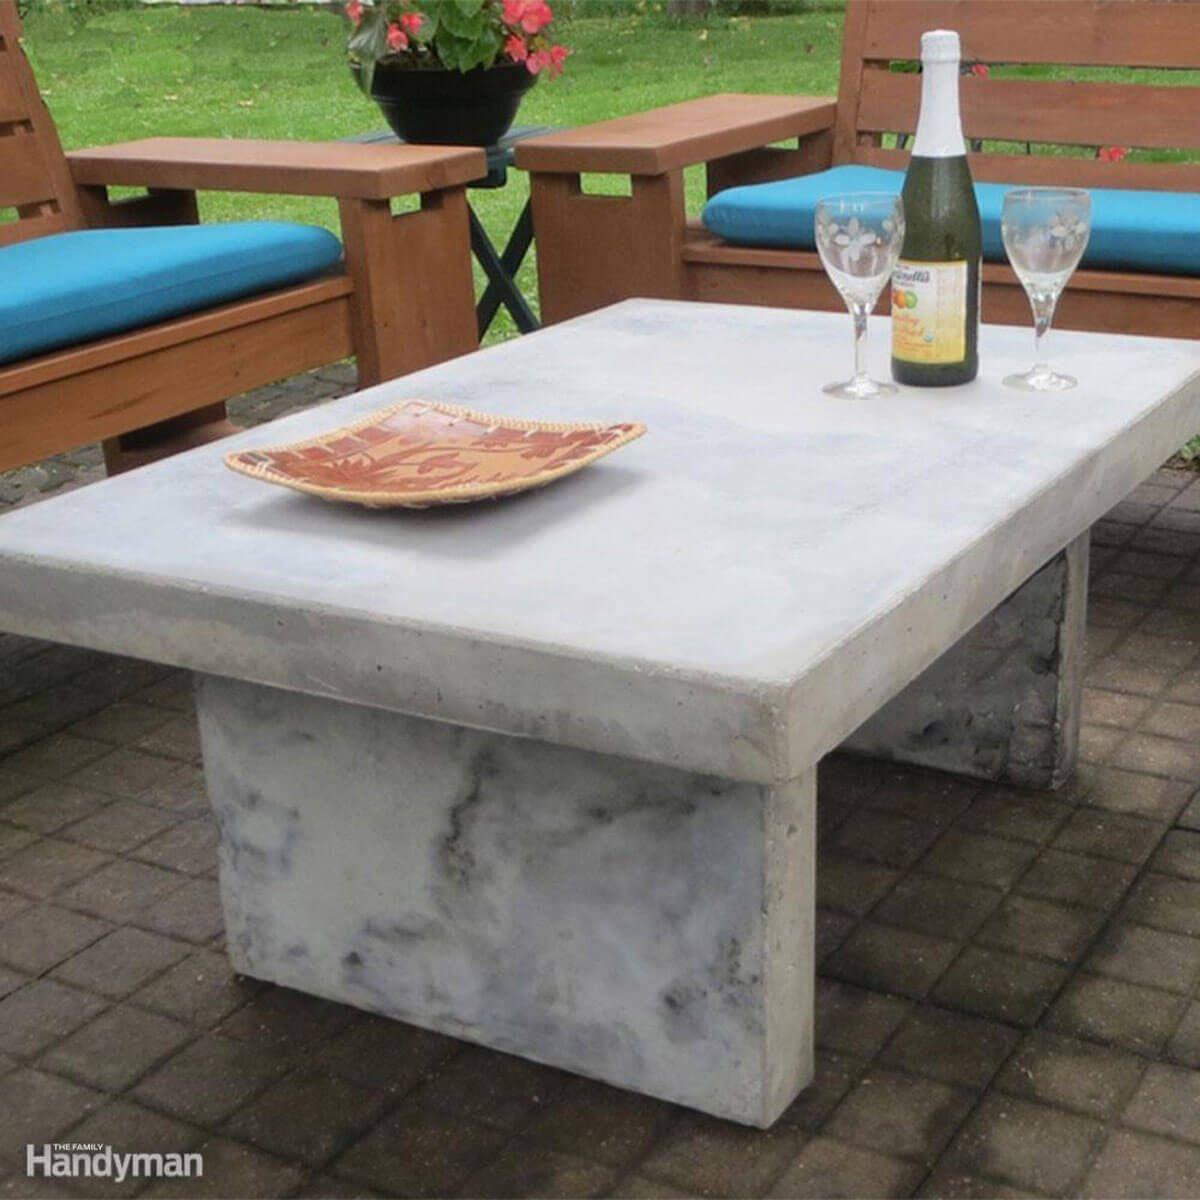 5 Outdoor Tables You Can Make Concrete Outdoor Table Concrete Diy Outdoor Countertop